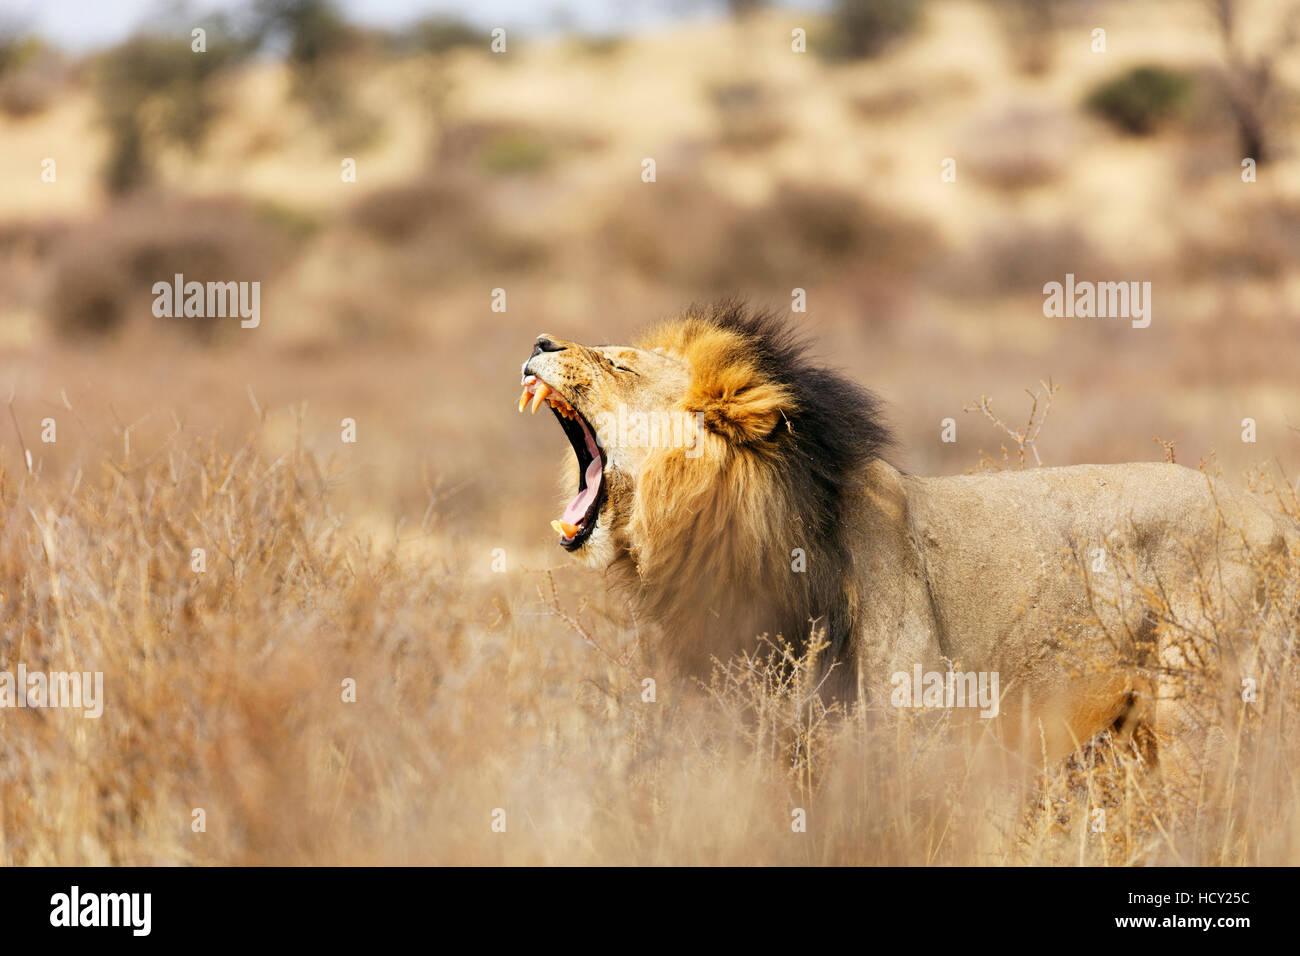 Roaring lion (Panthera leo), Kgalagadi Transfrontier Park, Kalahari, Northern Cape, South Africa, Africa - Stock Image